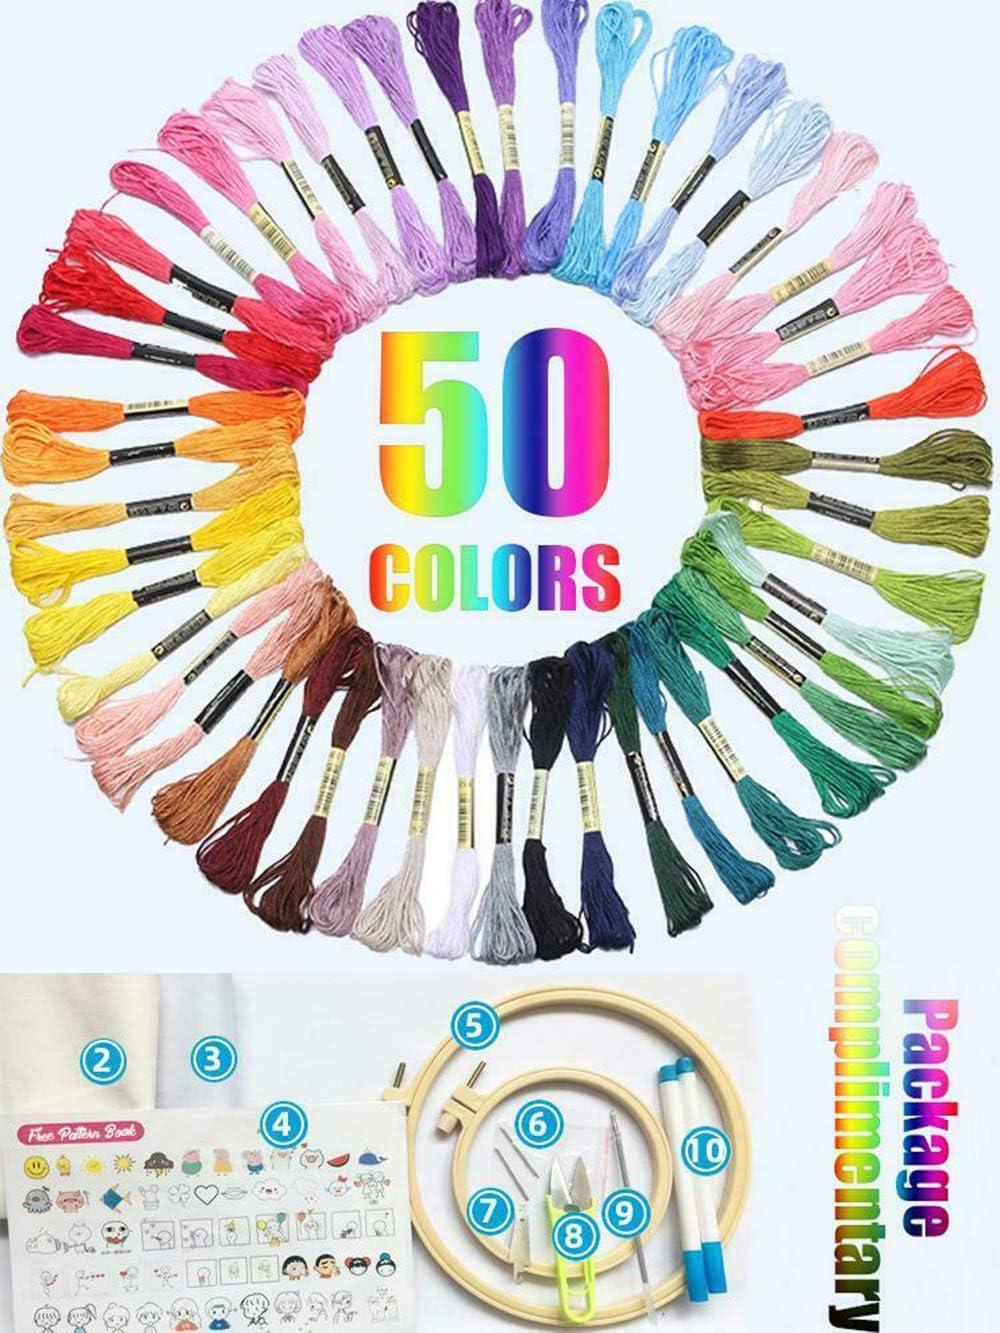 Kits de inicio de bordado con anillos de bambú Hilos y herramientas de color Kit de material de camiseta bordada a mano de bricolaje Regalo para adultos Principiante Principiante (A)